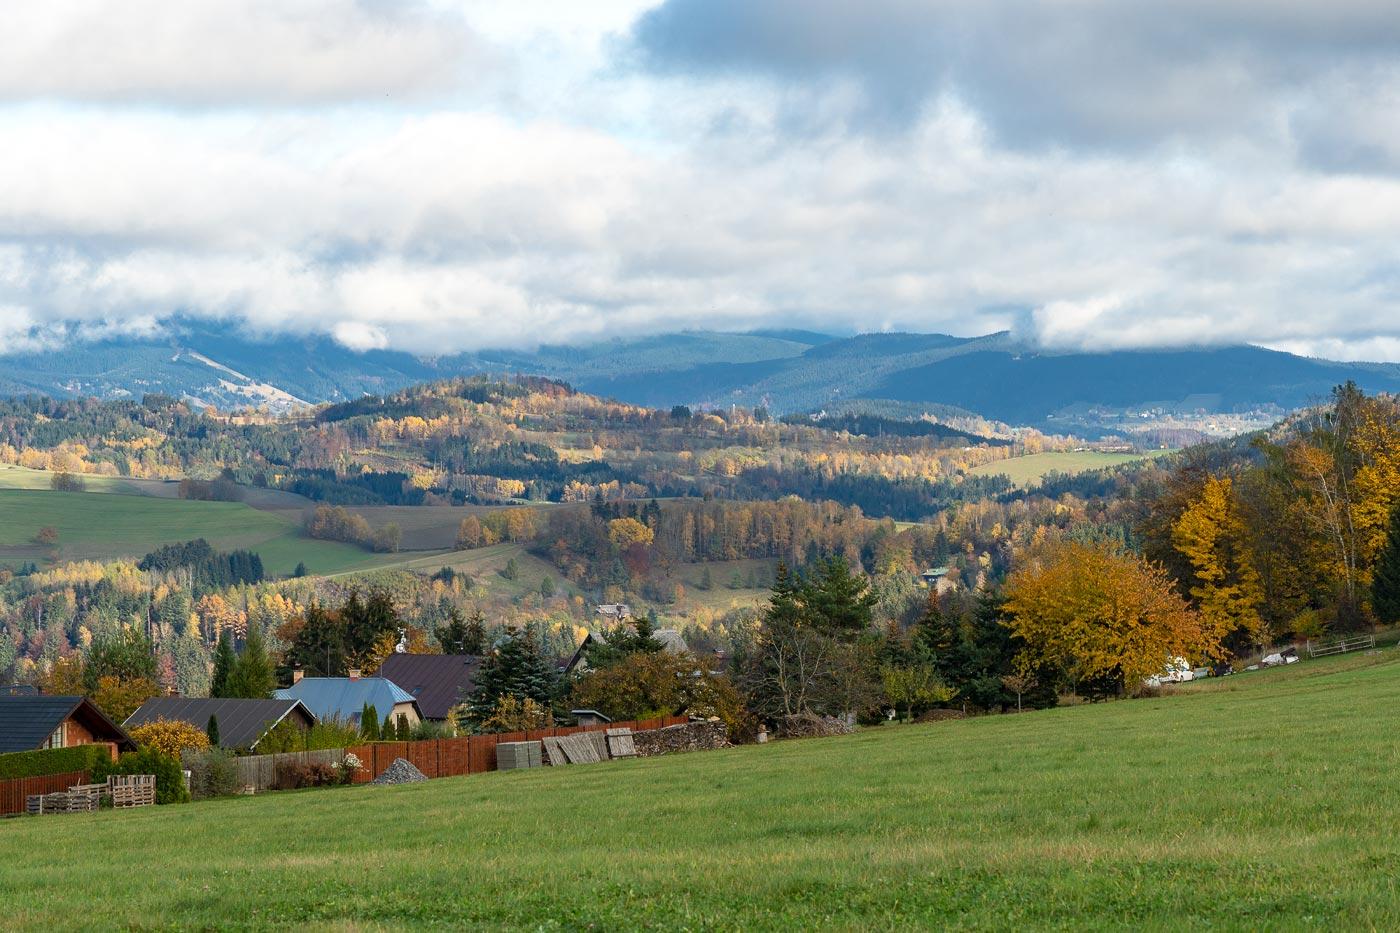 Осенняя панорама гор у Држкова, Северная Чехия